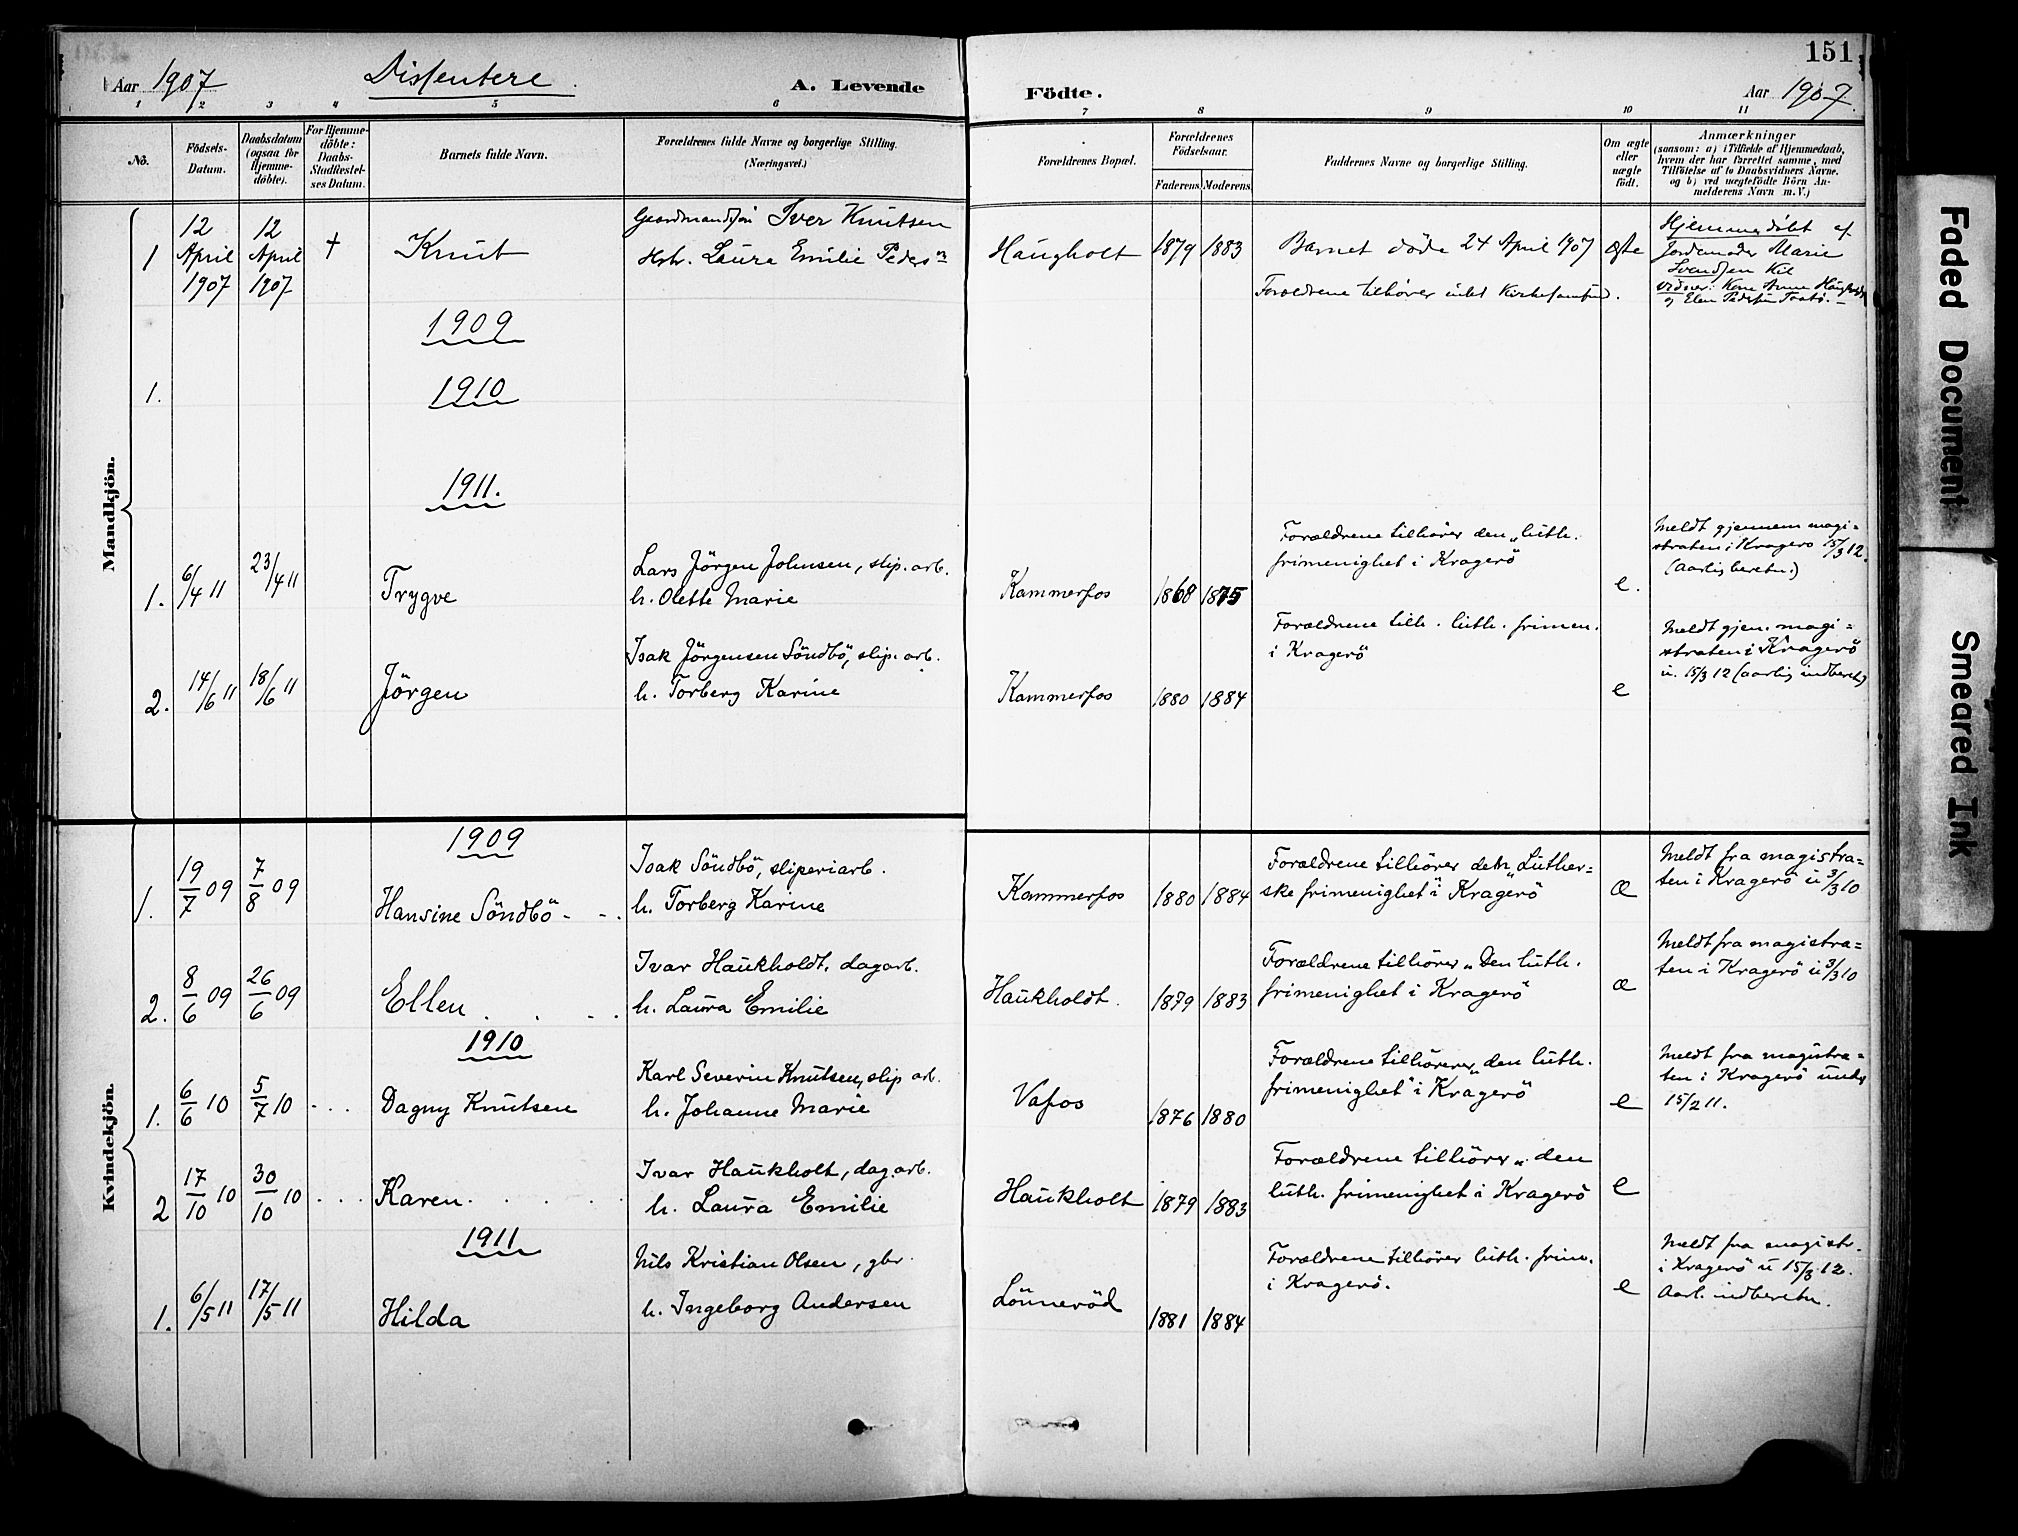 SAKO, Sannidal kirkebøker, F/Fa/L0016: Ministerialbok nr. 16, 1895-1911, s. 151